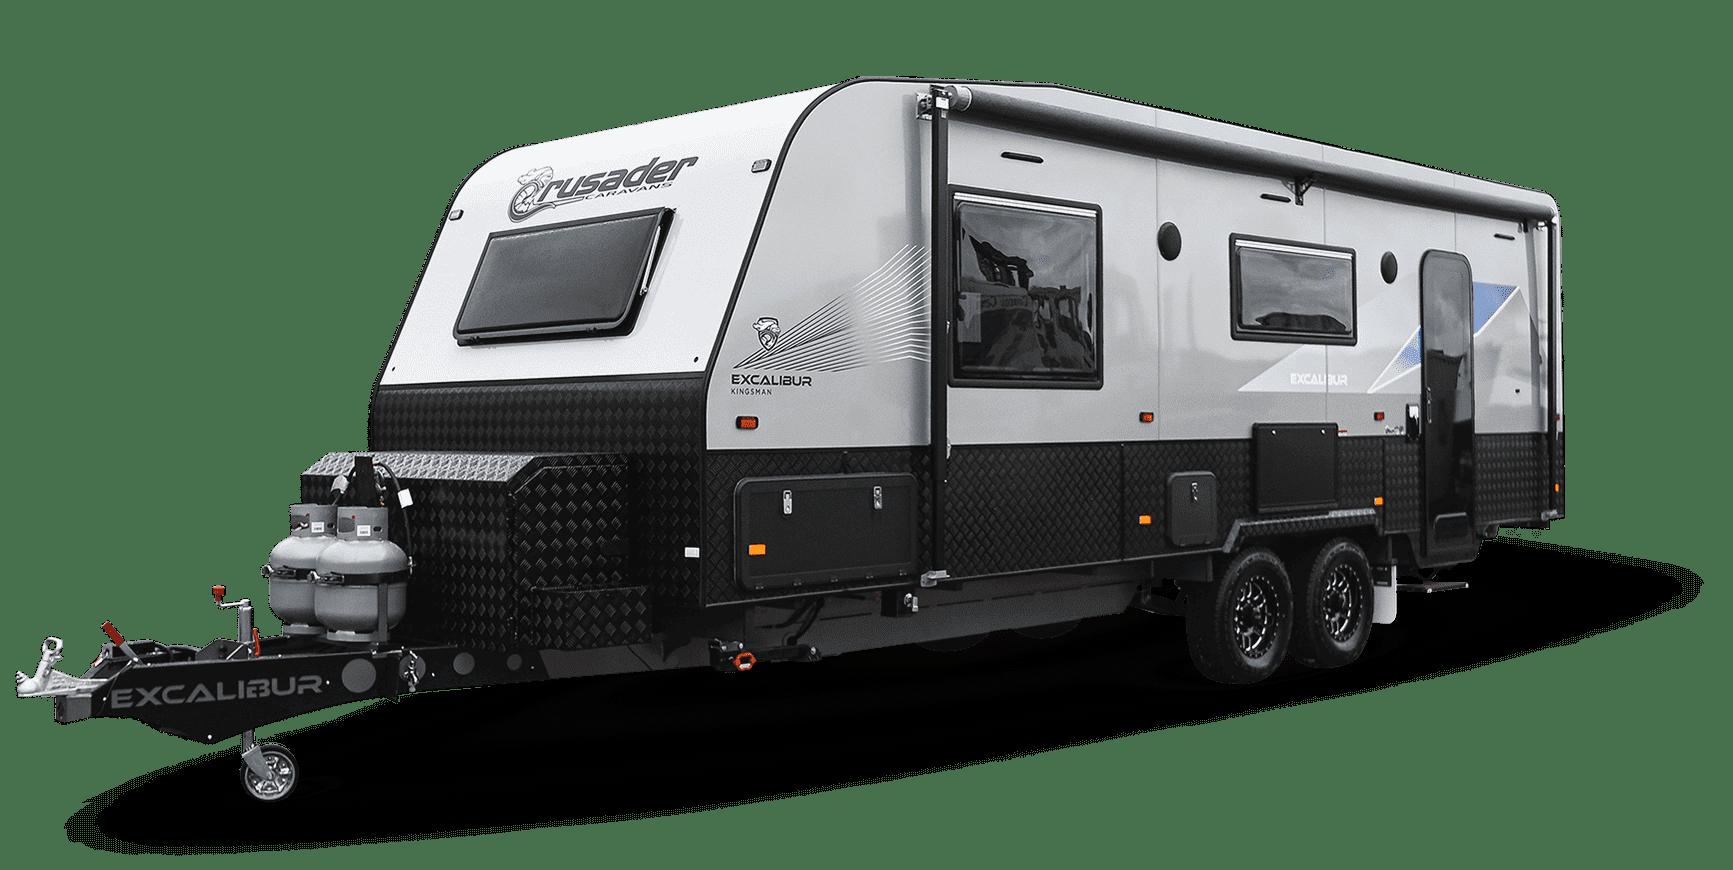 Image of the Crusader Caravan Excalibur Kingsman model.